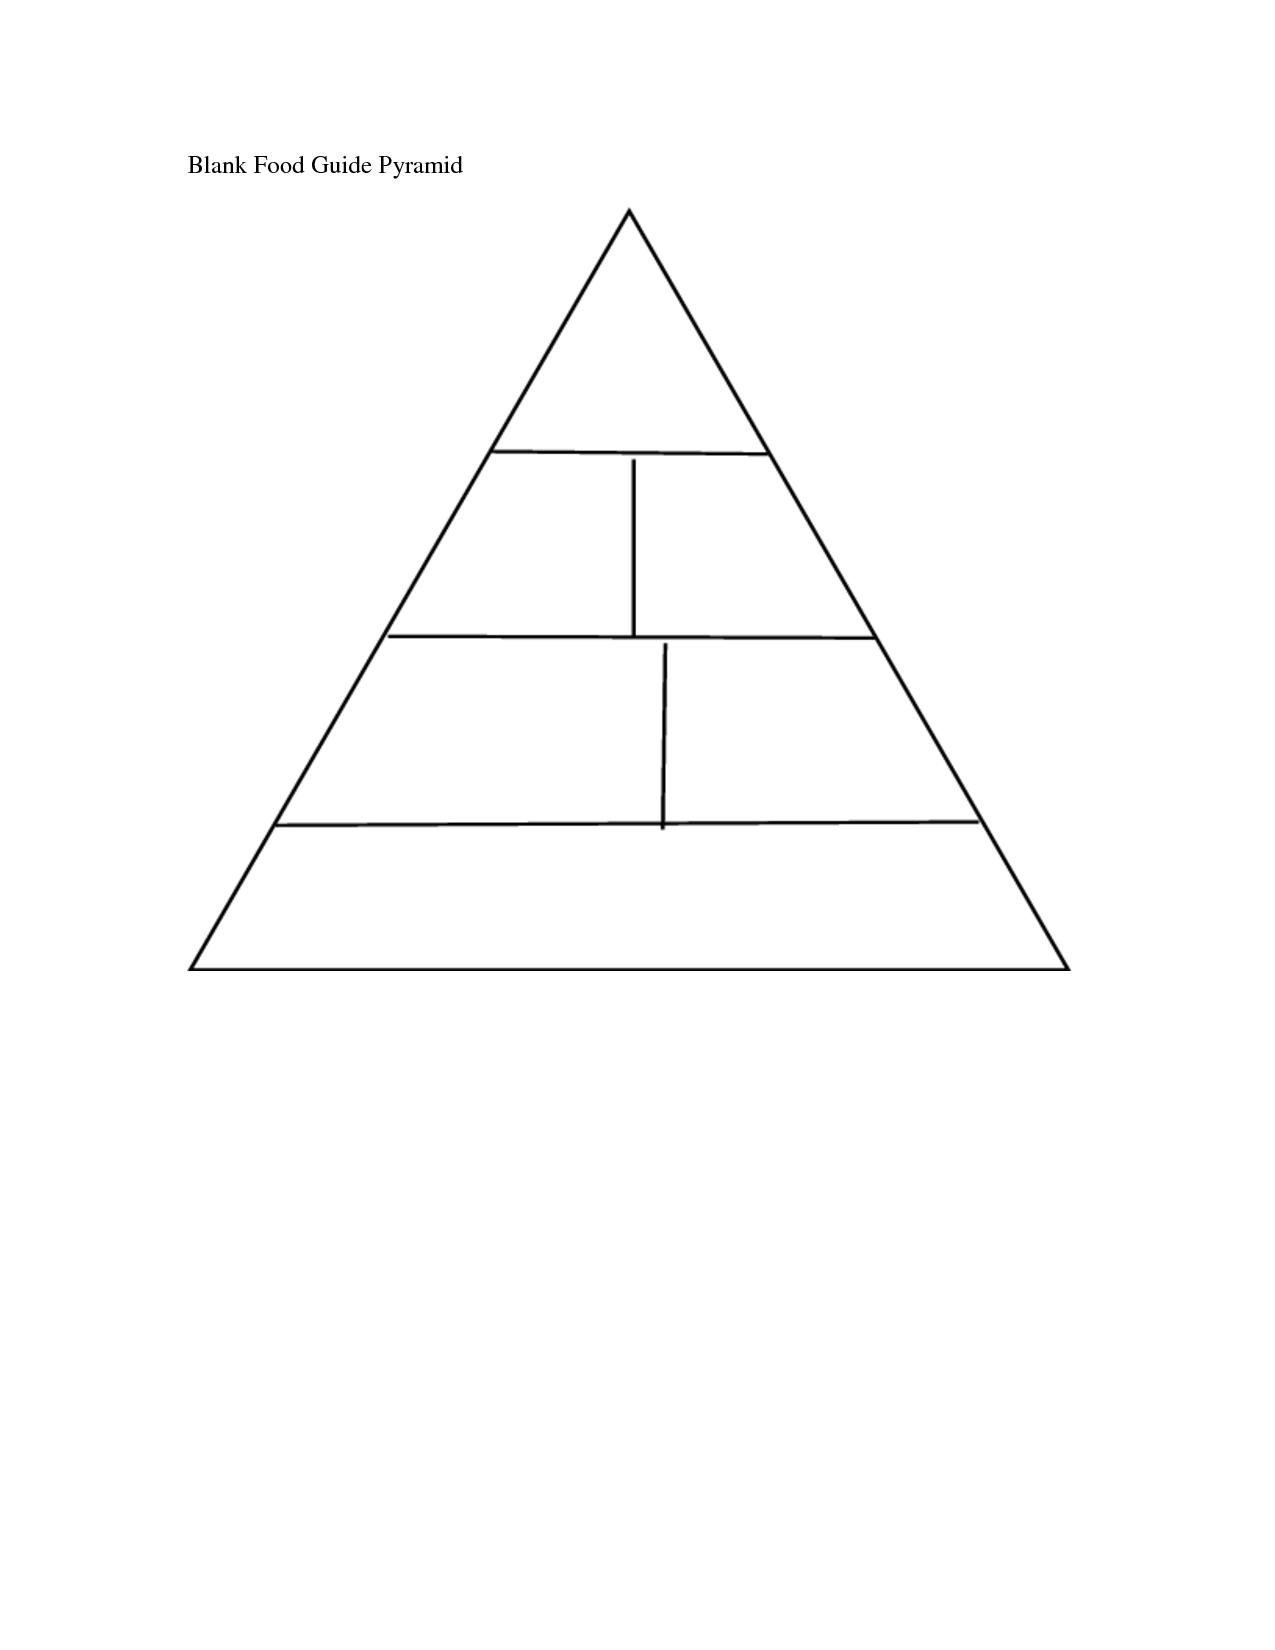 blank pyramid diagram 5 dayton motors wiring 14 best images of food guide worksheet